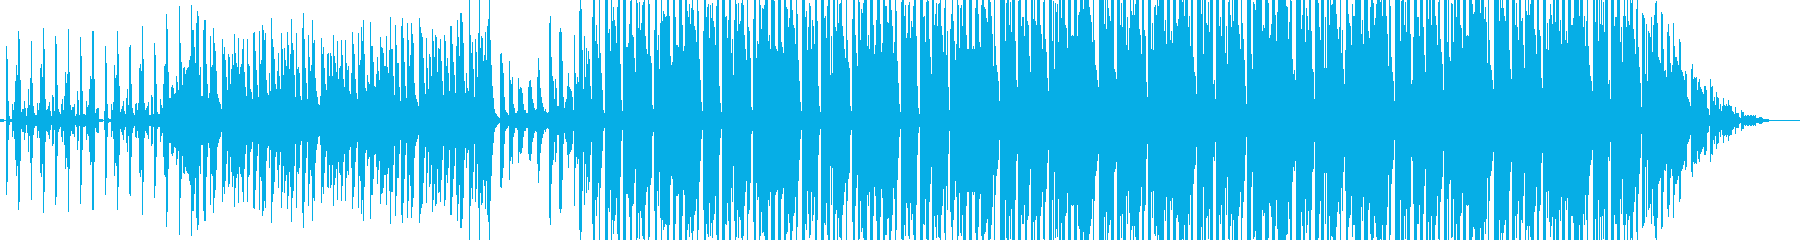 軽快なビートでのりのりな曲ですの再生済みの波形